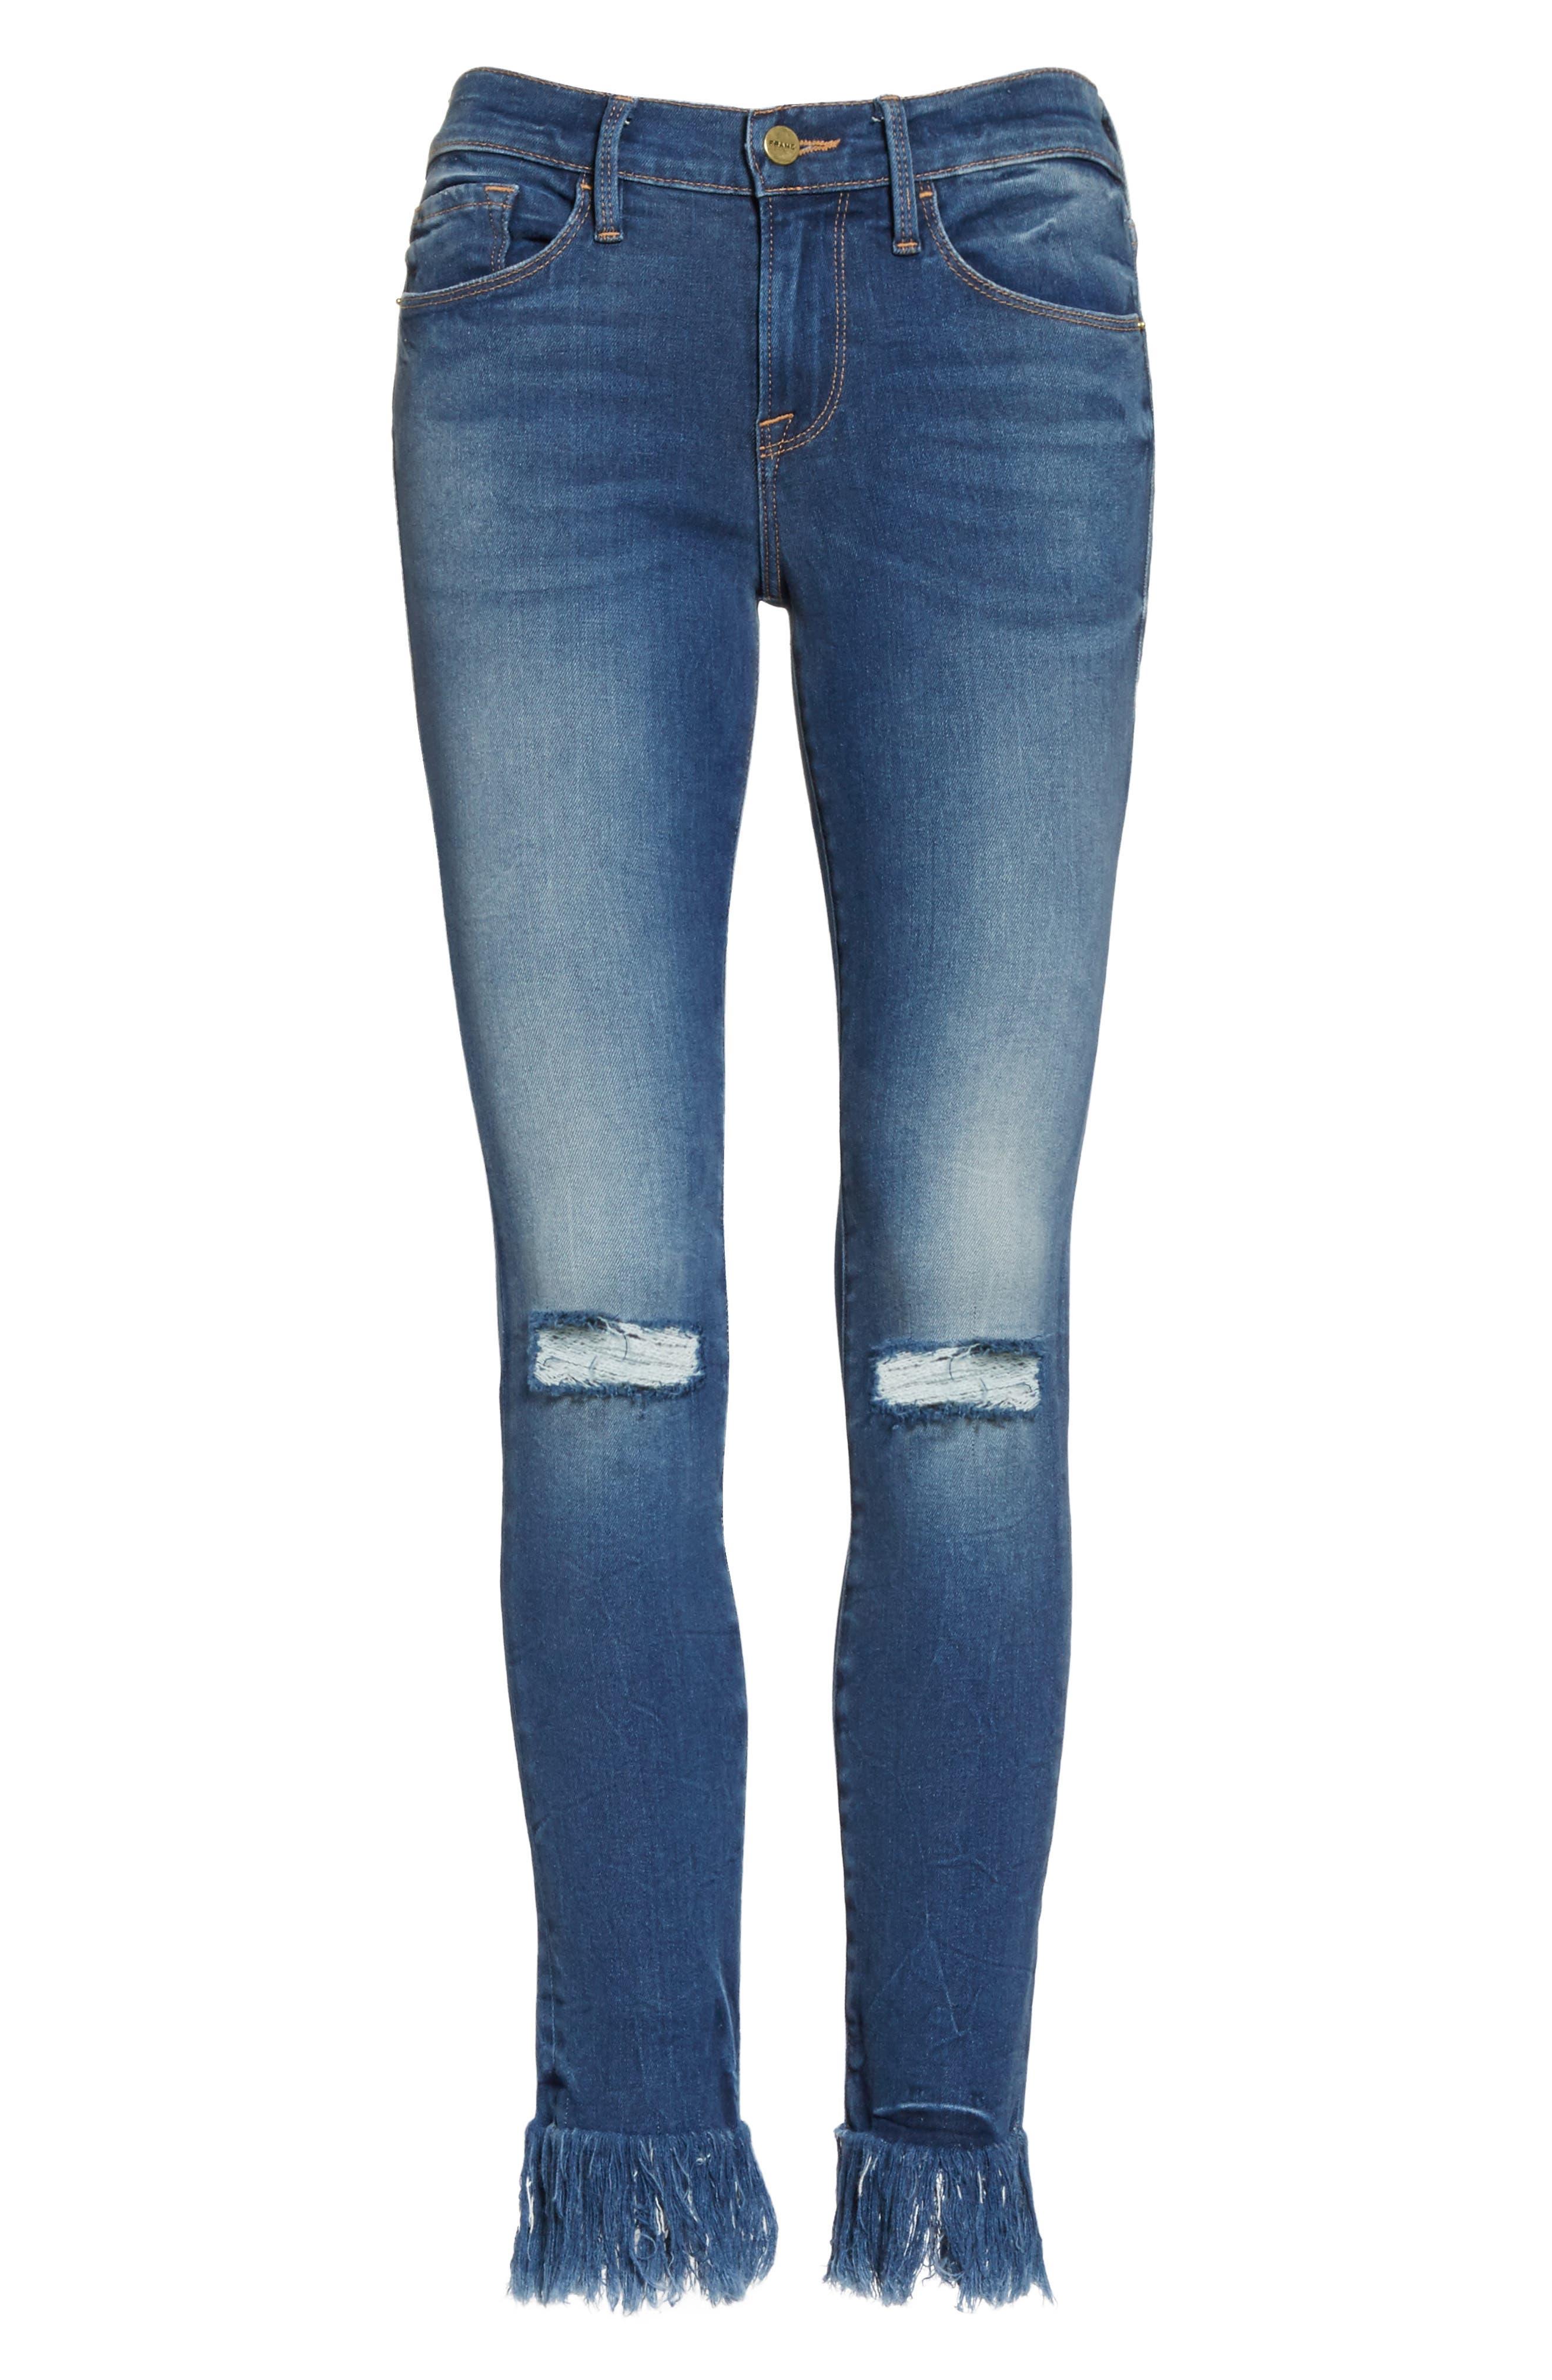 Le Skinny de Jeanne Shredded Raw Hem Jeans,                             Alternate thumbnail 7, color,                             401